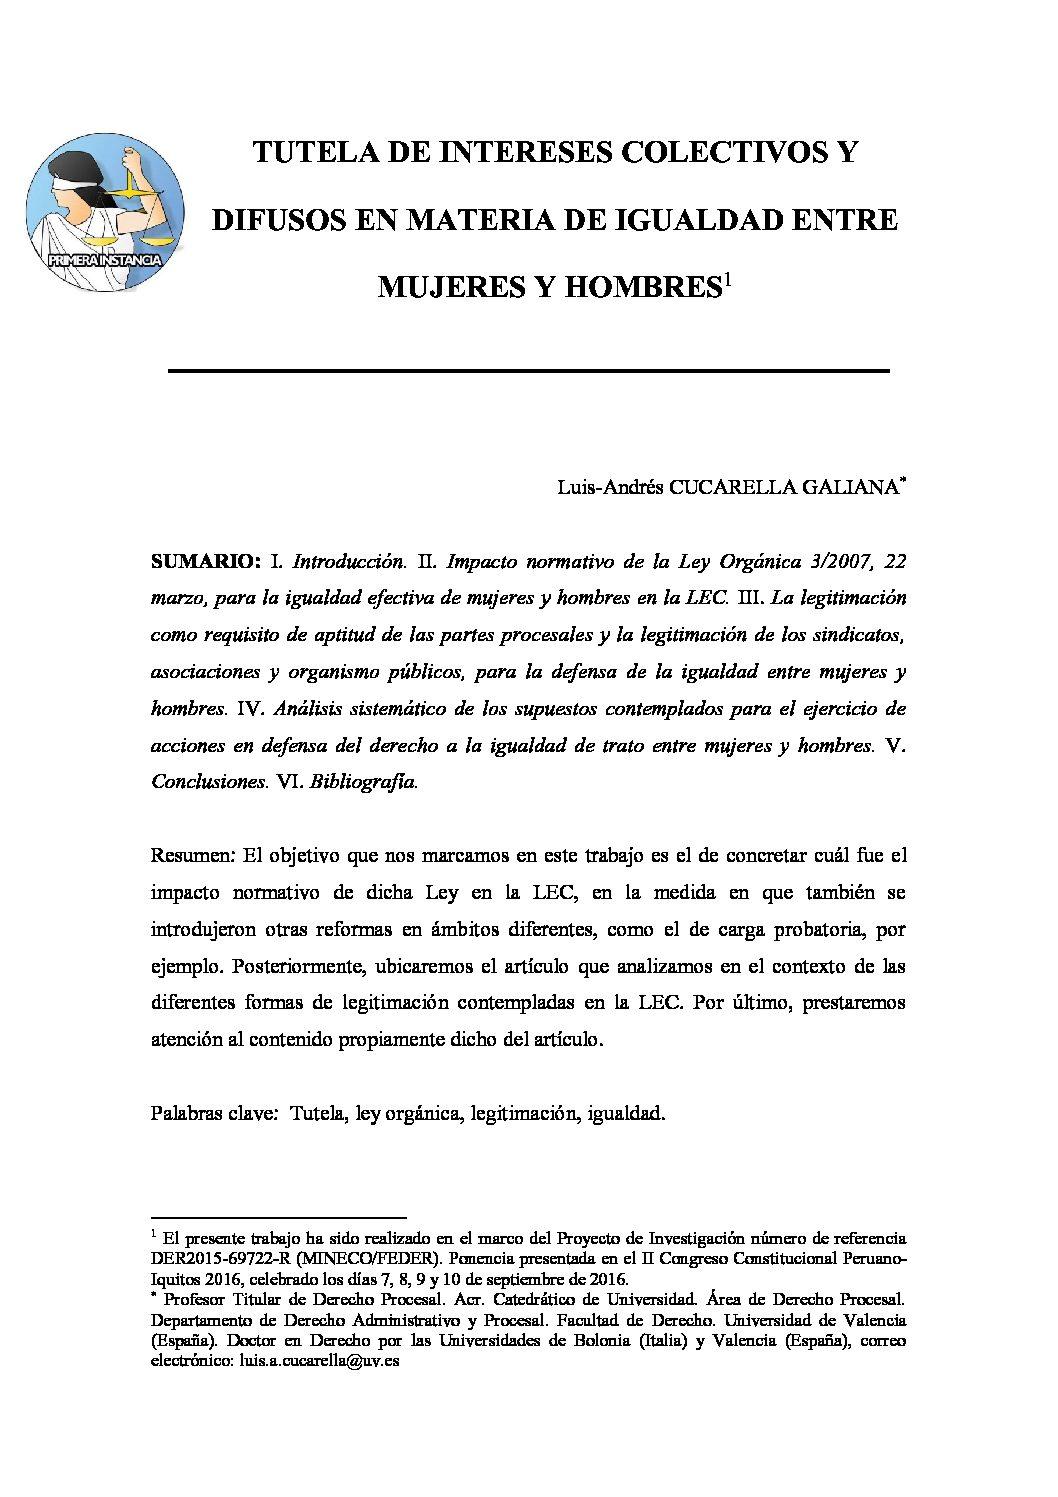 TUTELA DE INTERESES COLECTIVOS Y DIFUSOS EN MATERIA DE IGUALDAD ENTRE MUJERES Y HOMBRES, Luis-Andrés Cucarella Galiana